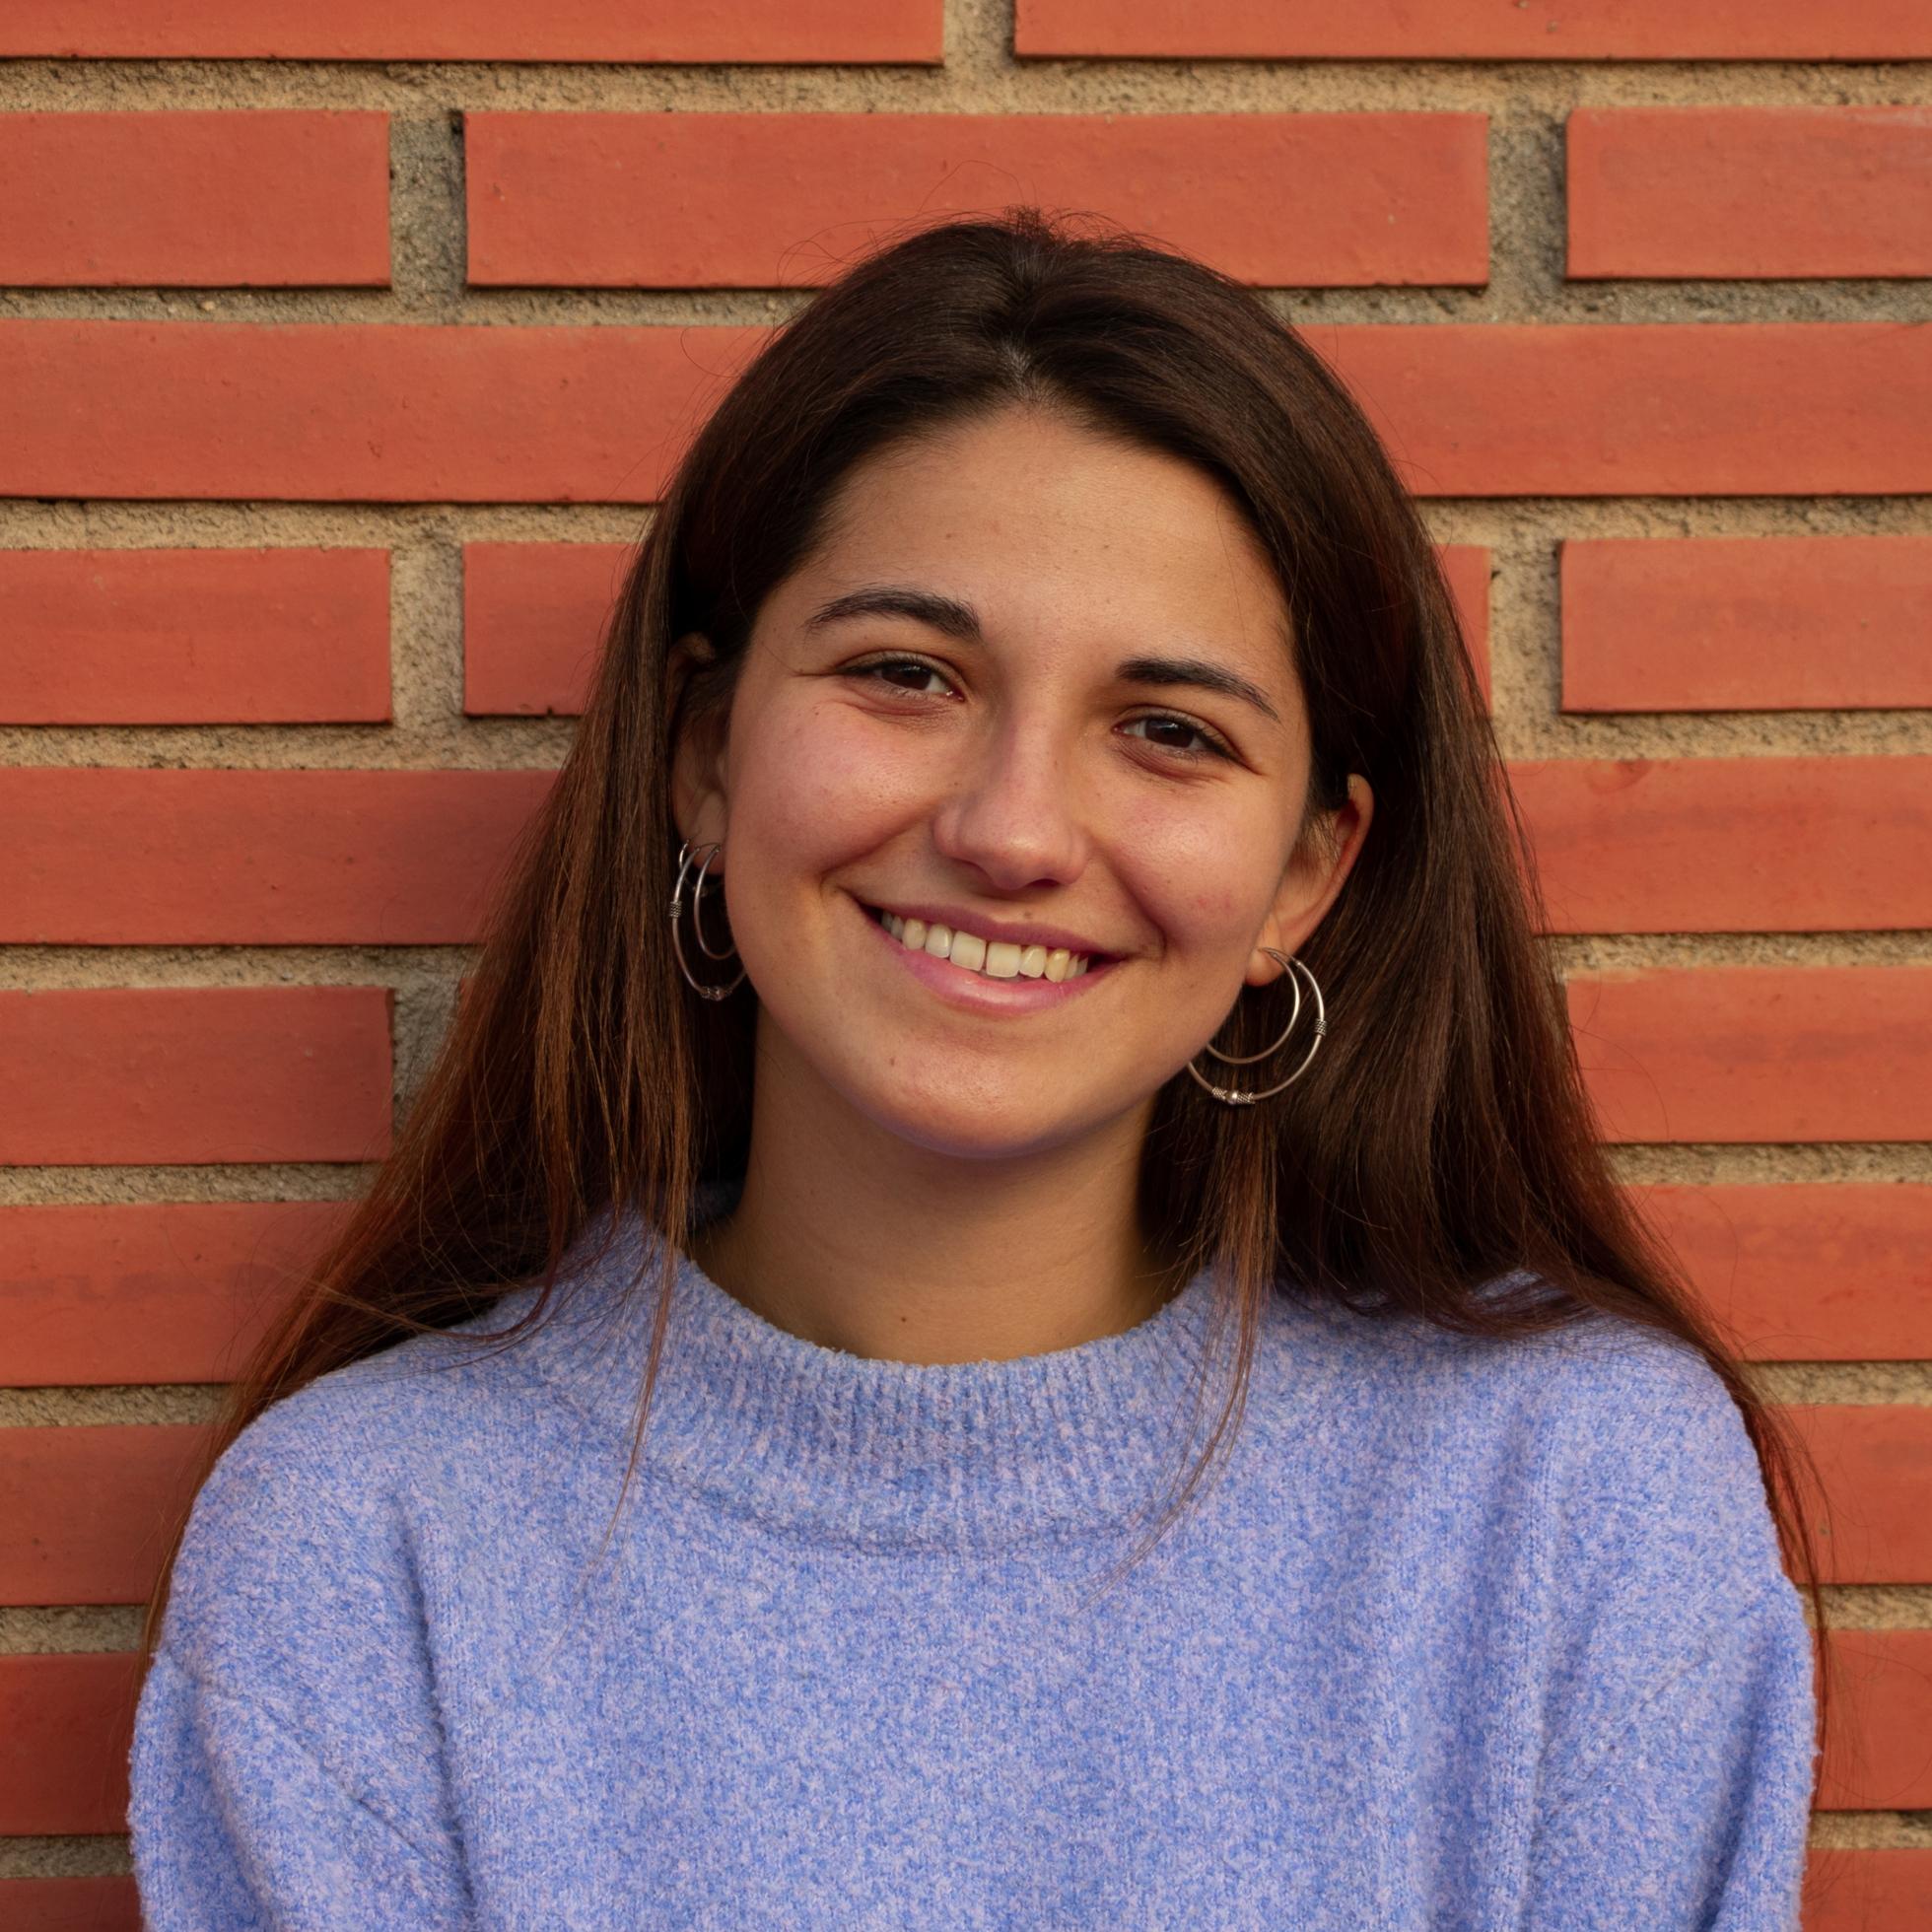 Irene Giralt